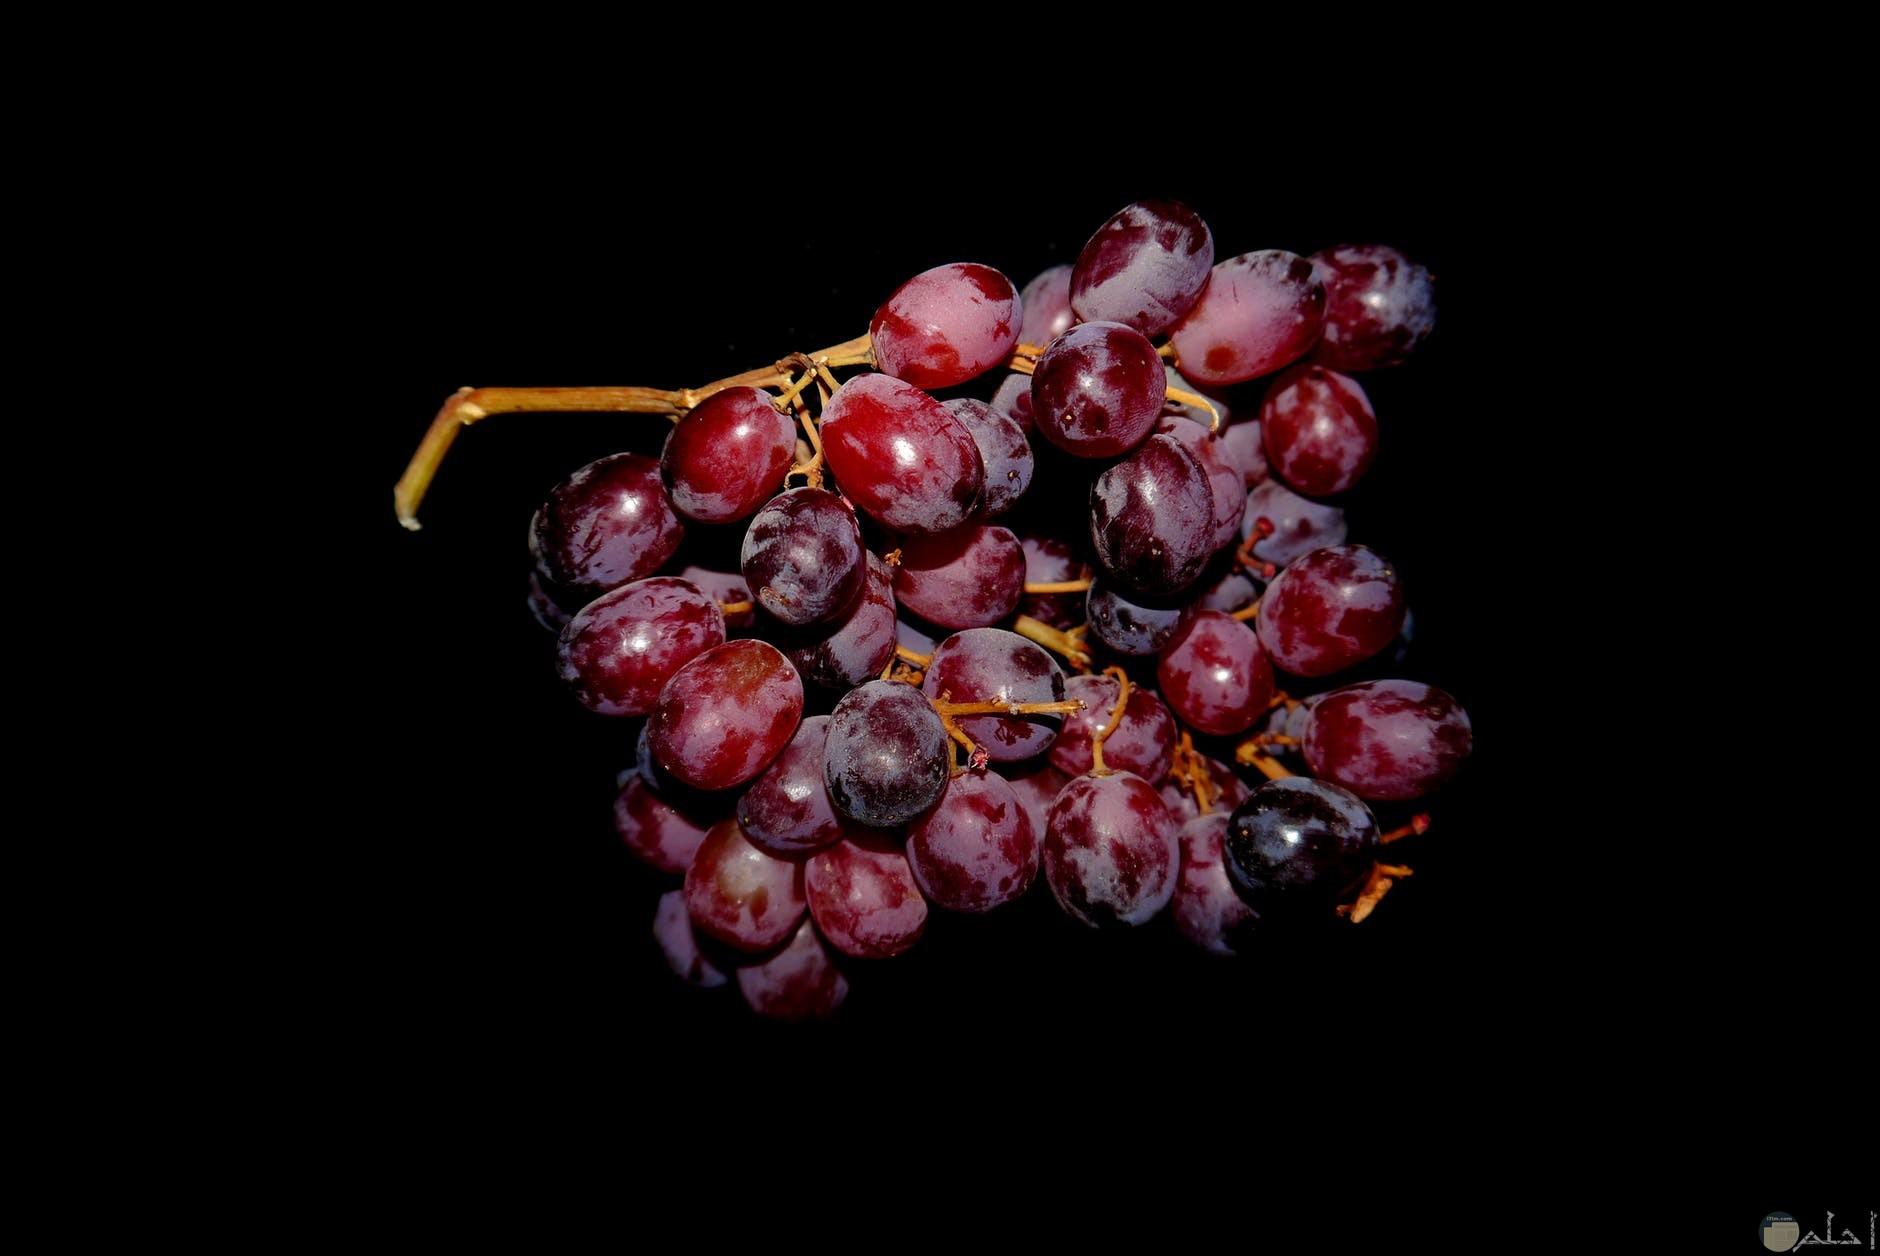 العنب الاحمر من الفواكه المفضلة عن الكبير والصغير